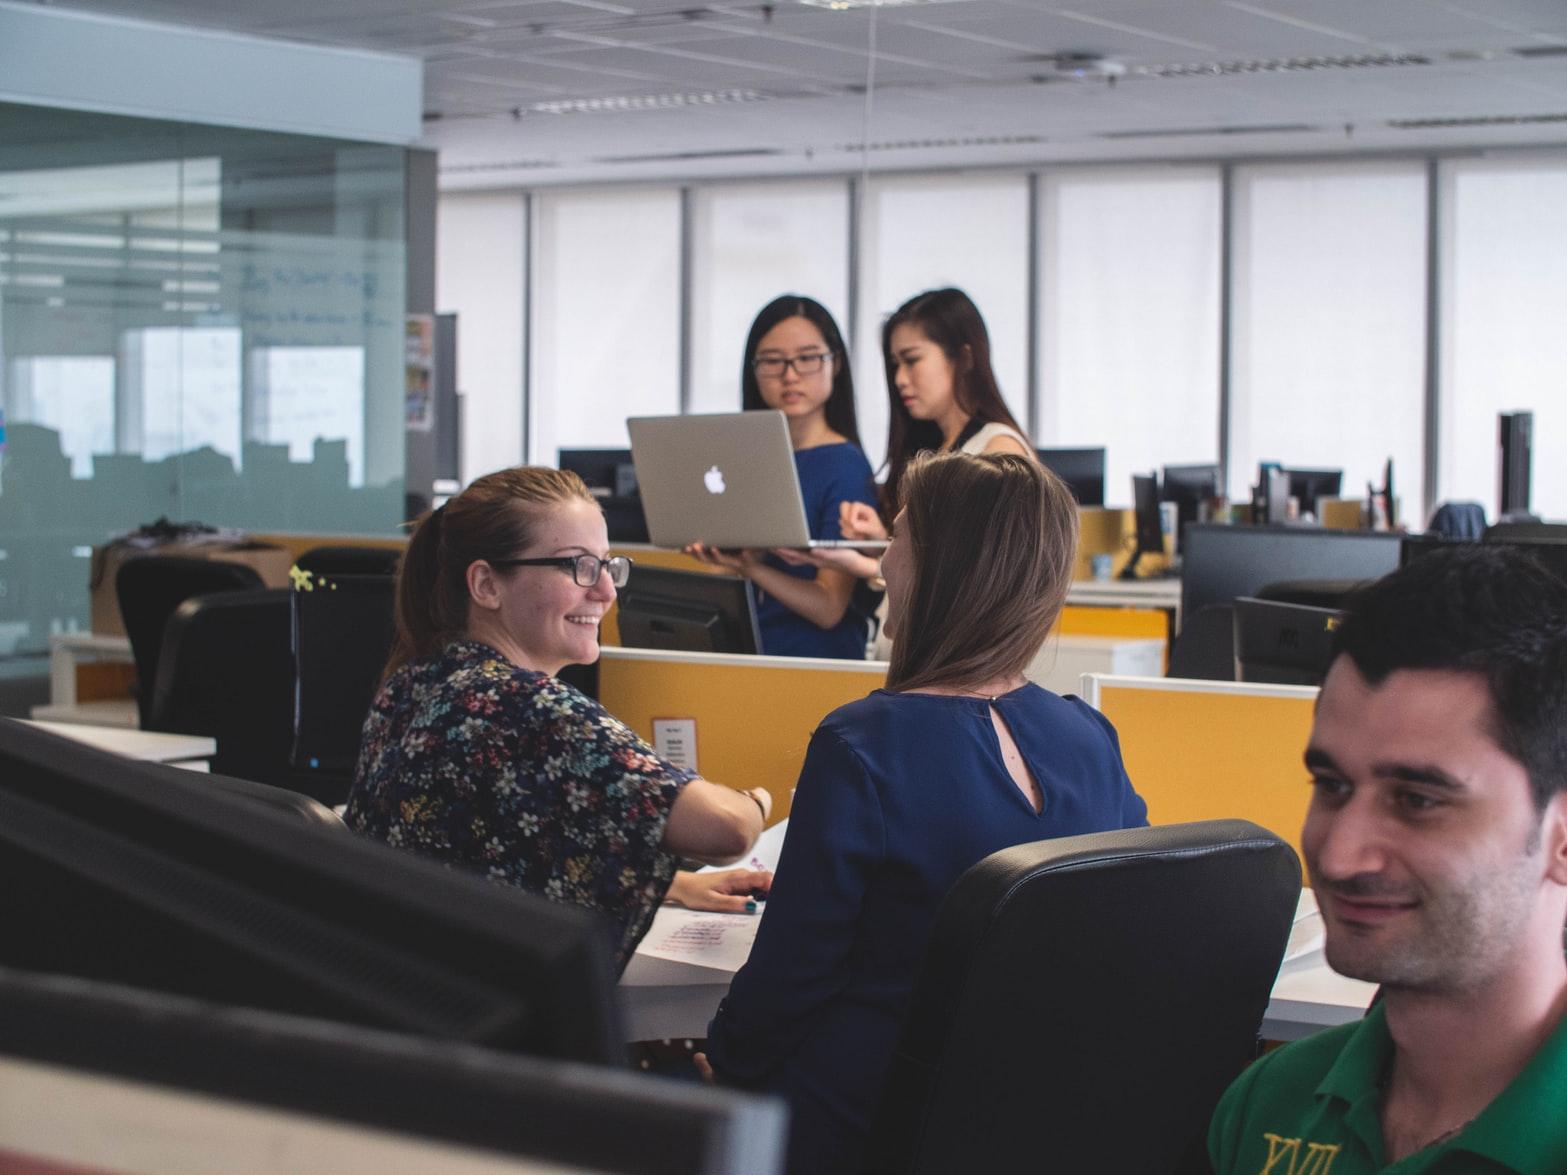 Equipe de trabalho conversando em diferentes mesas separadas por divisórias. Duas mulheres ao fundo olham para um notebook, enquanto uma delas o segura. No primeiro plano, um rapaz olha para a tela de um computador.